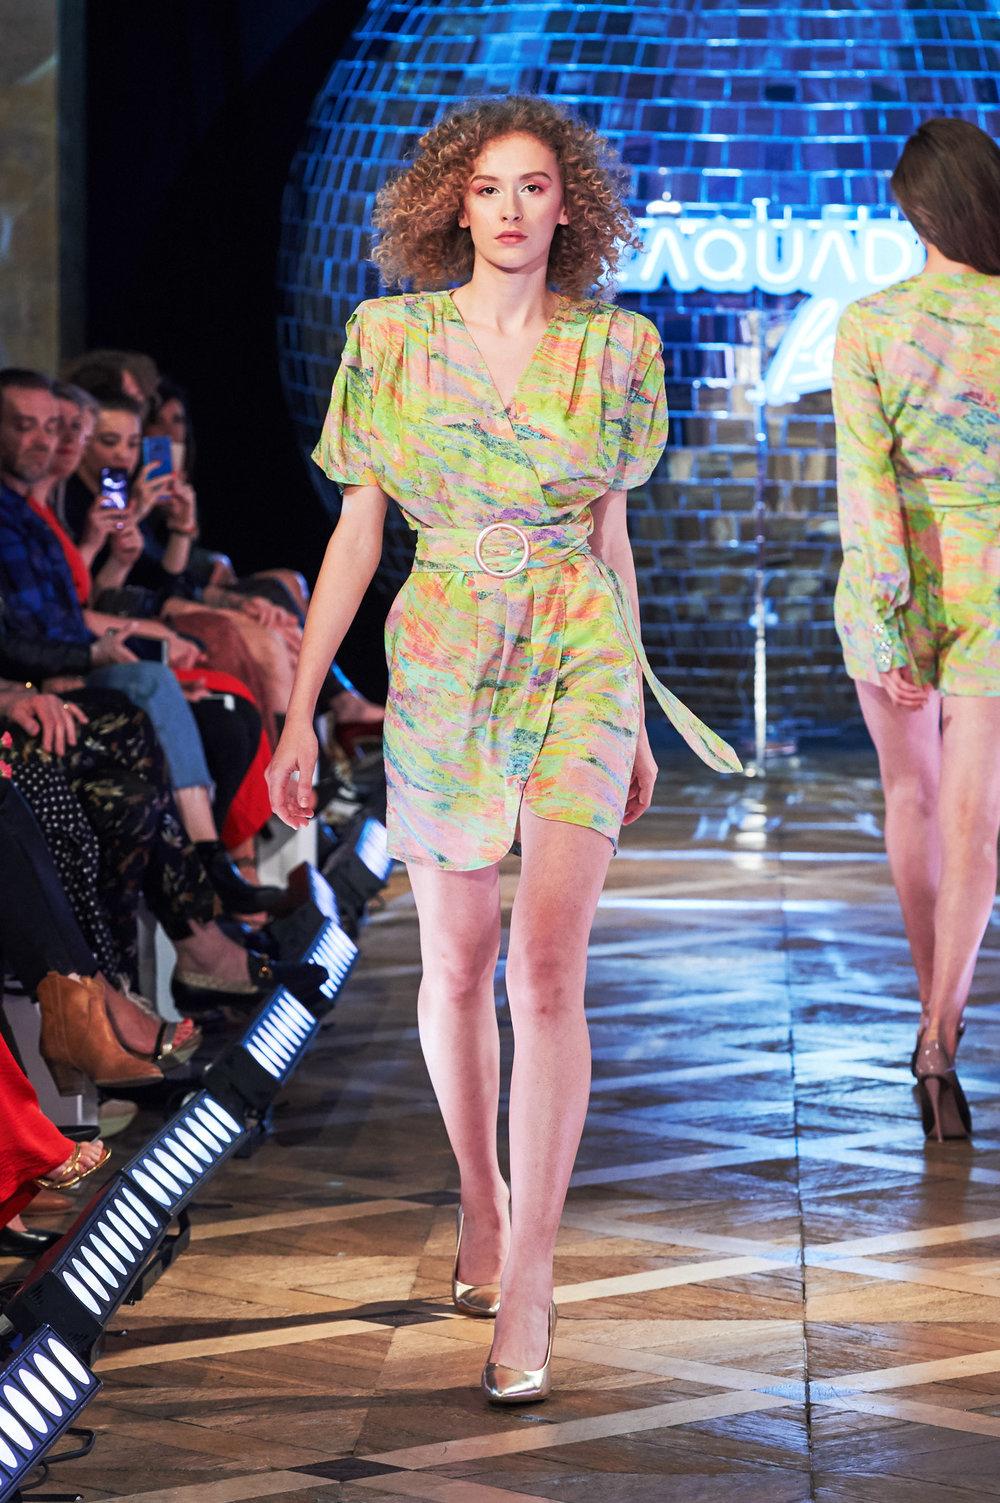 5_ZAQUAD_090519_lowres-fotFilipOkopny-FashionImages.jpg